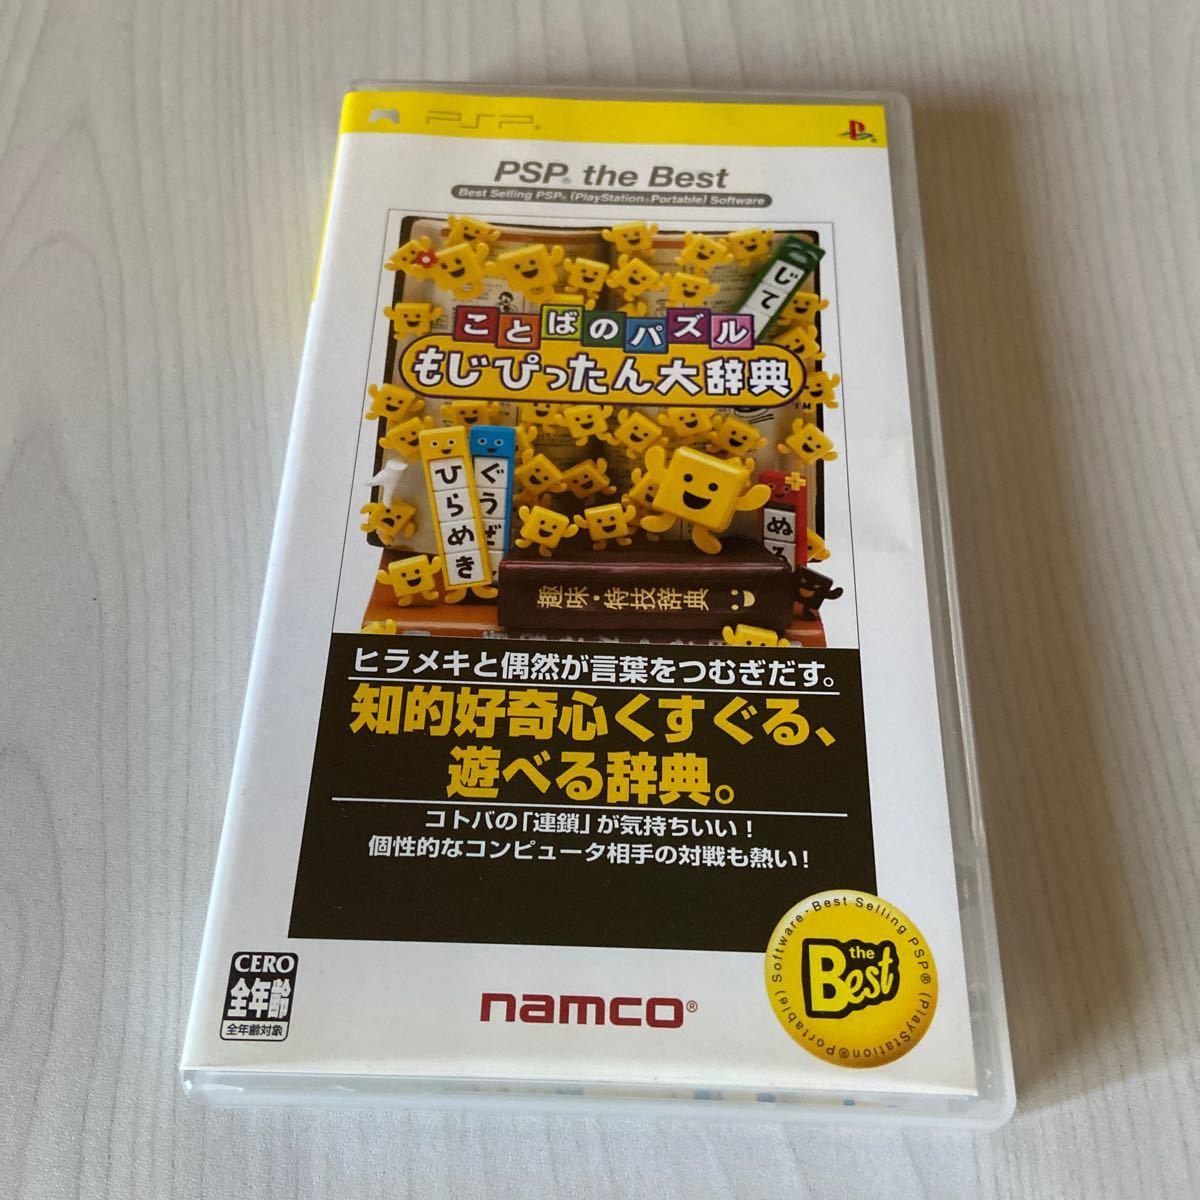 【PSP】 ことばのパズル もじぴったん大辞典 [PSP the Best]